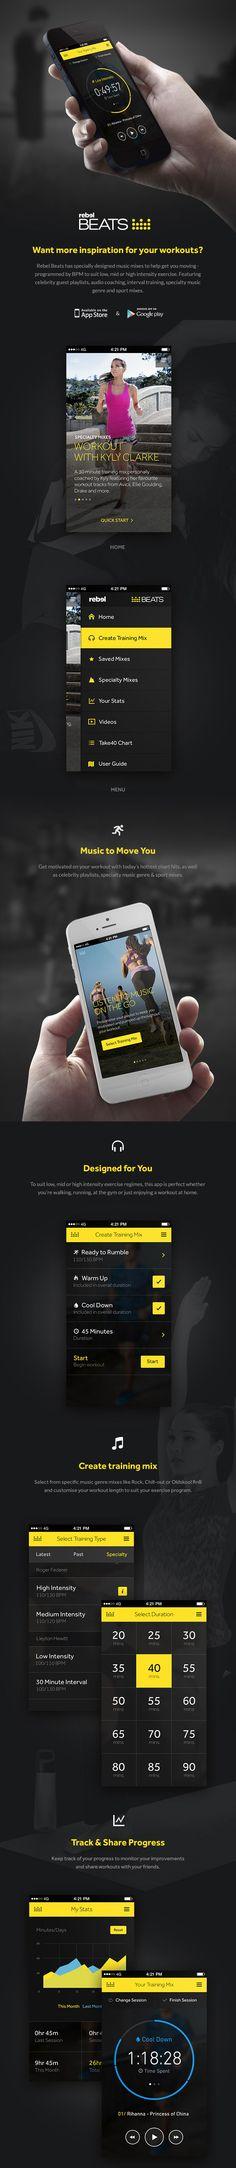 Daily Mobile UI Design Inspiration #242